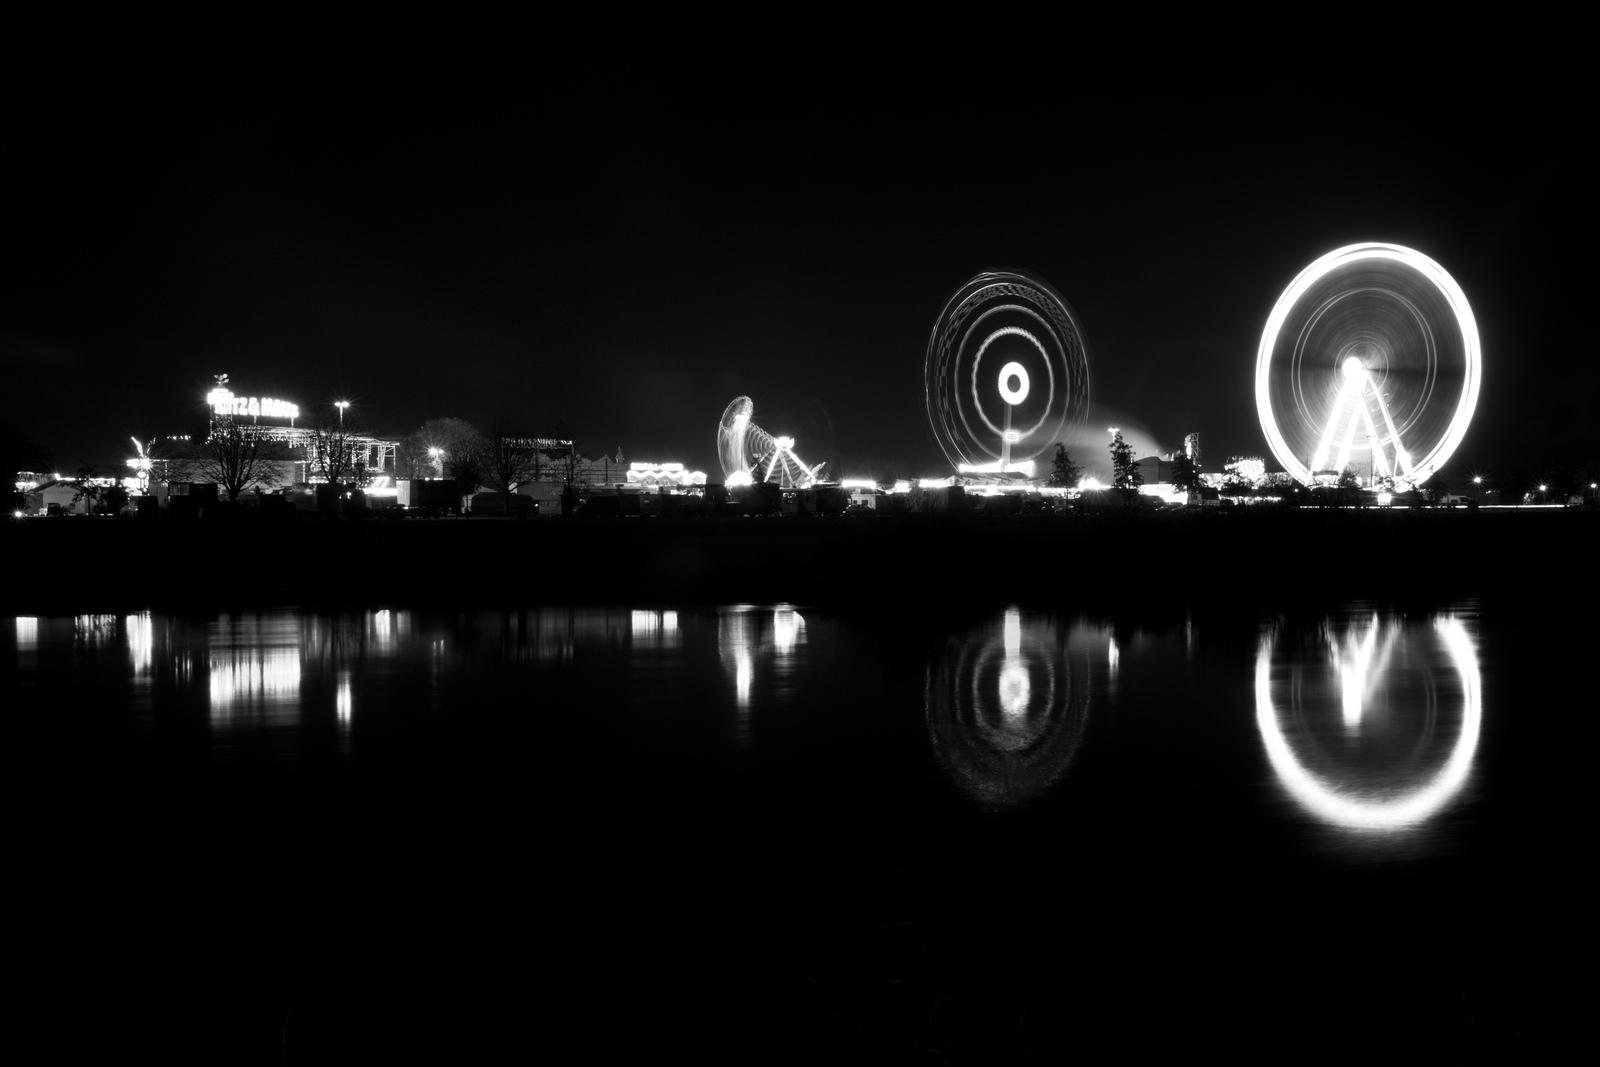 Tipps und Tricks zur Nachtfotografie - Im dunklen fotografieren